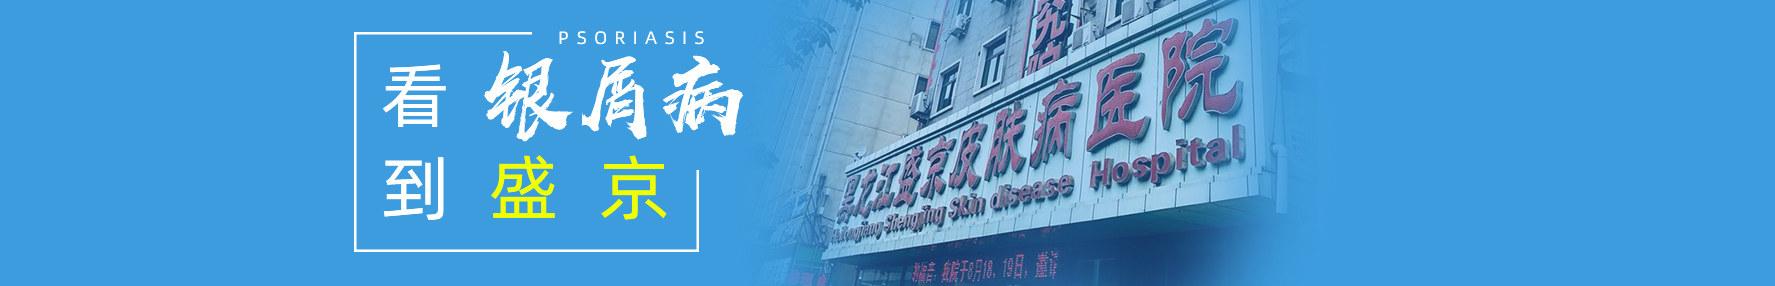 哈尔滨银屑病医院